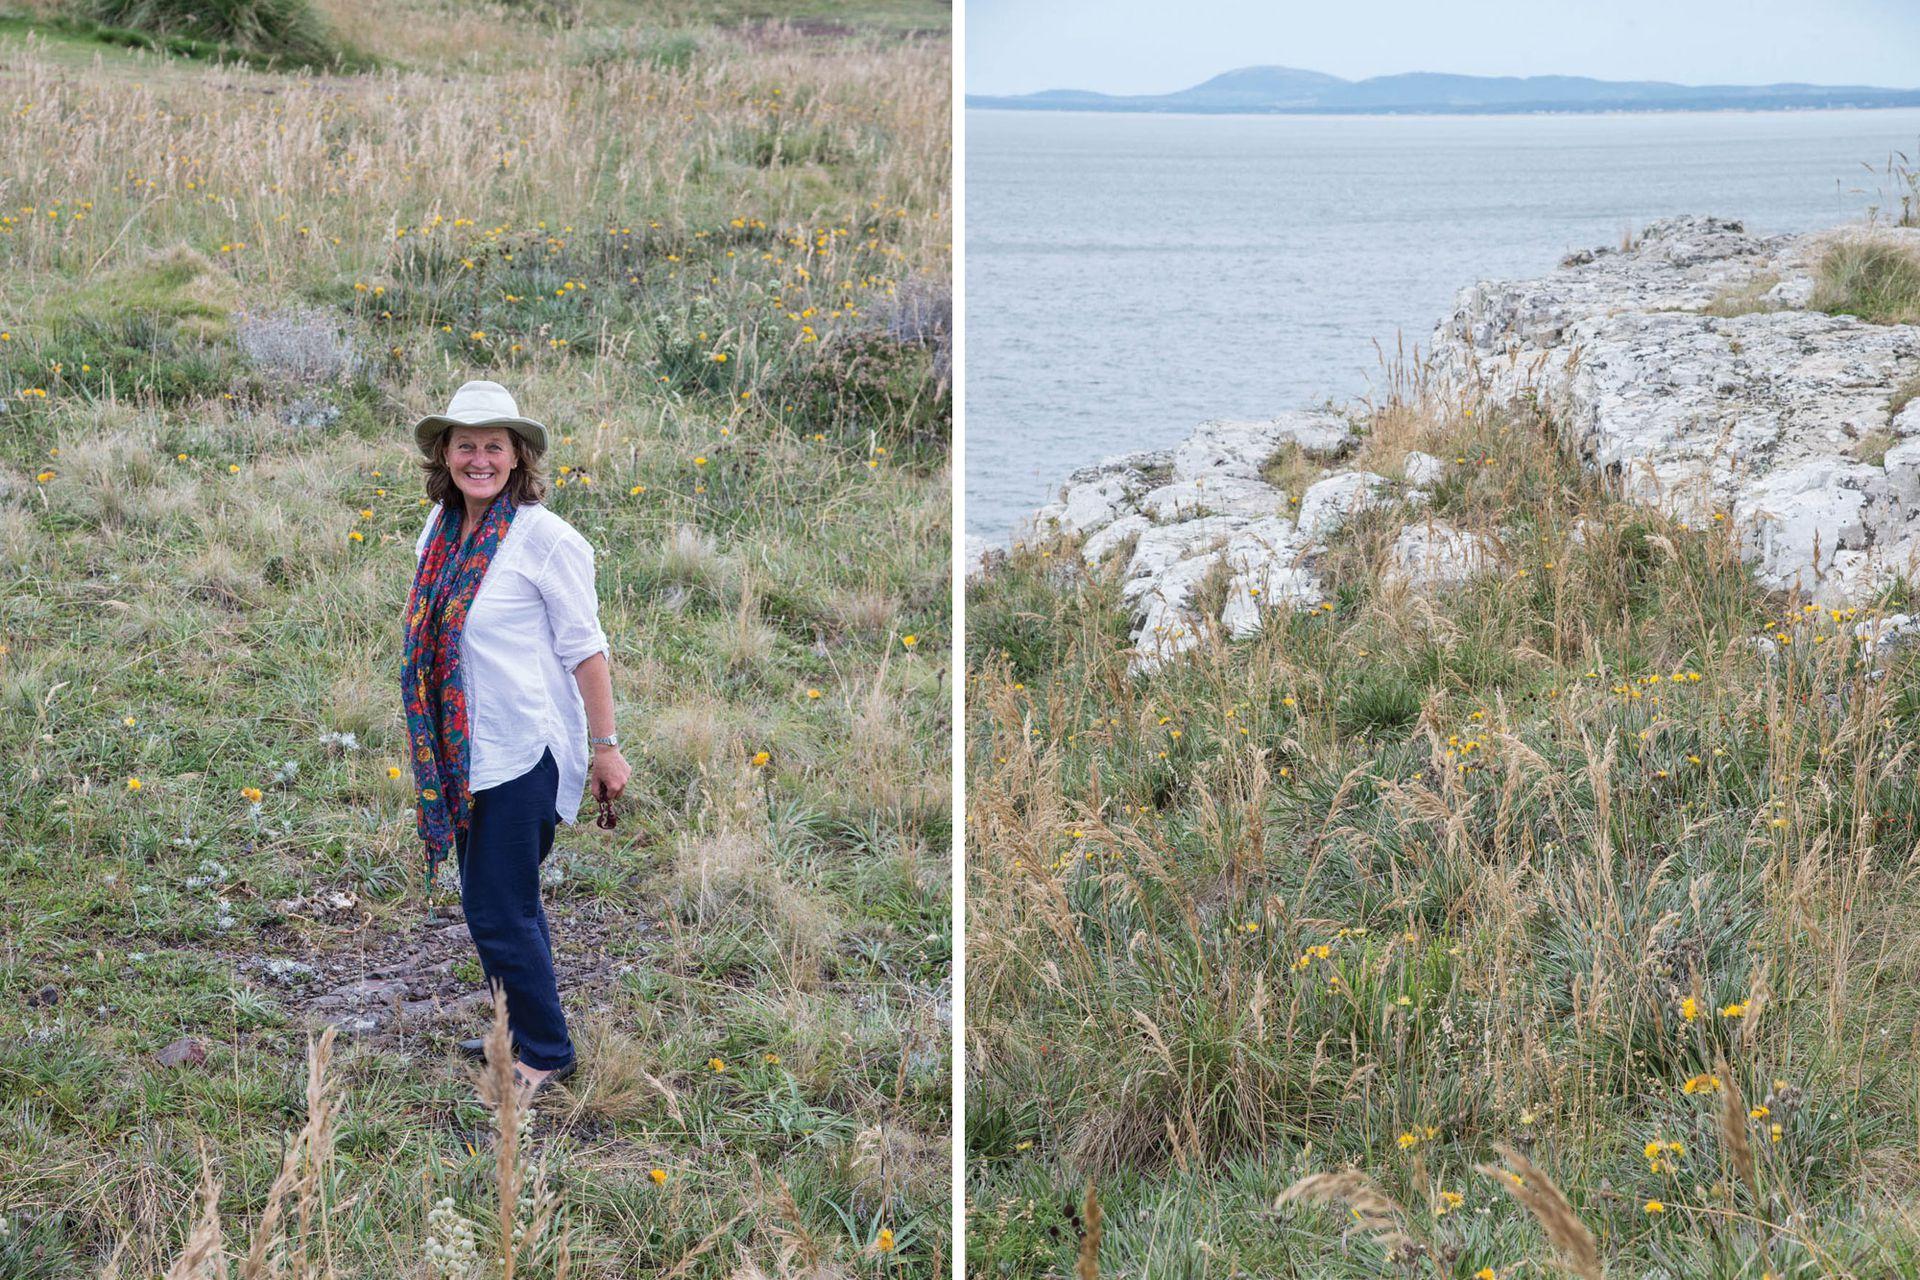 Jeanine Beare comenzó su emprendimiento de venta de semillas a partir de los paseos y caminatas que realizaba al campo y la costa uruguaya.